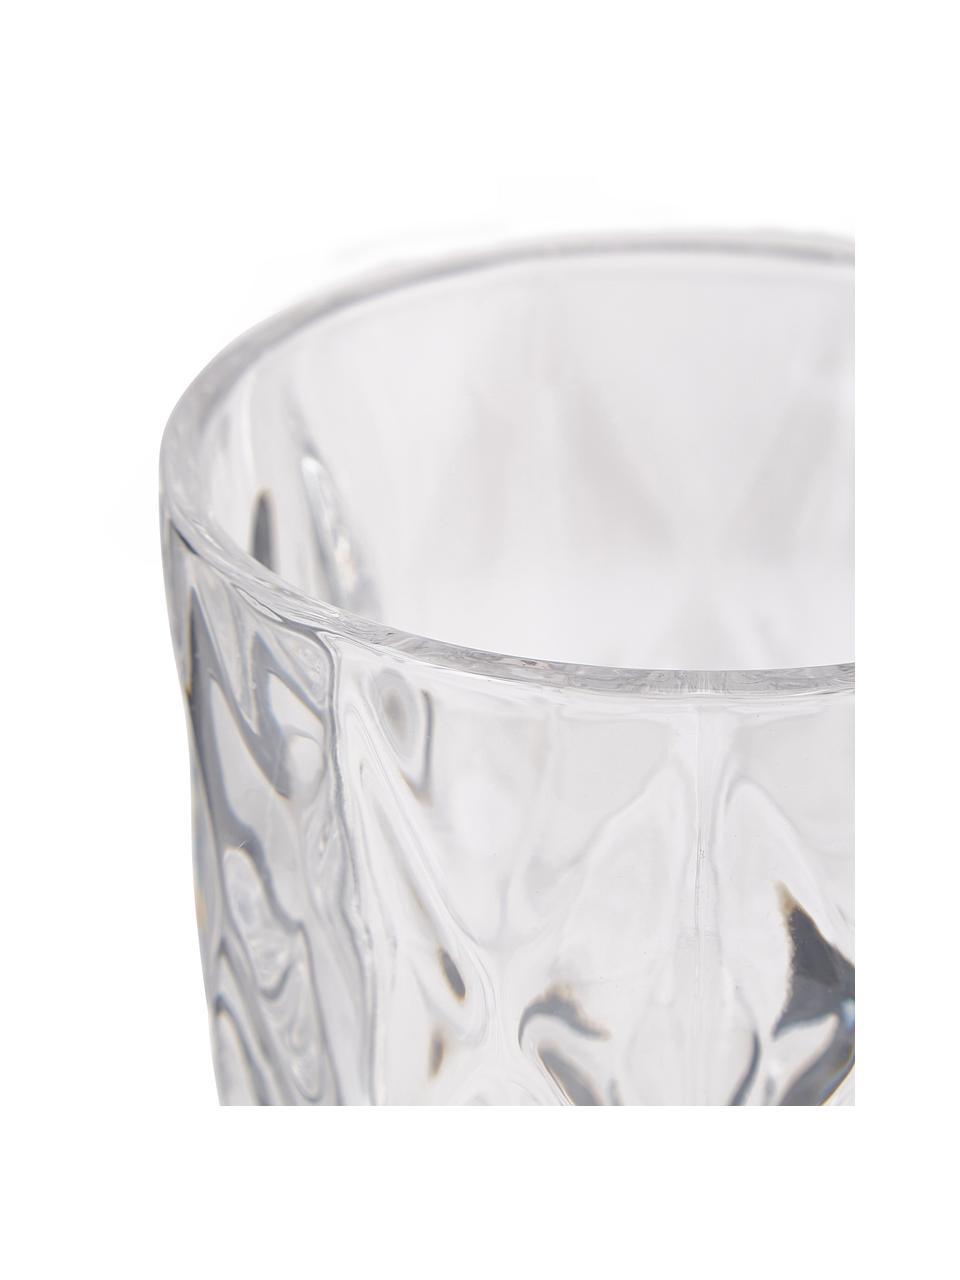 Wassergläser Colorado mit Strukturmuster, 4 Stück, Glas, Transparent, Ø 8 x H 10 cm